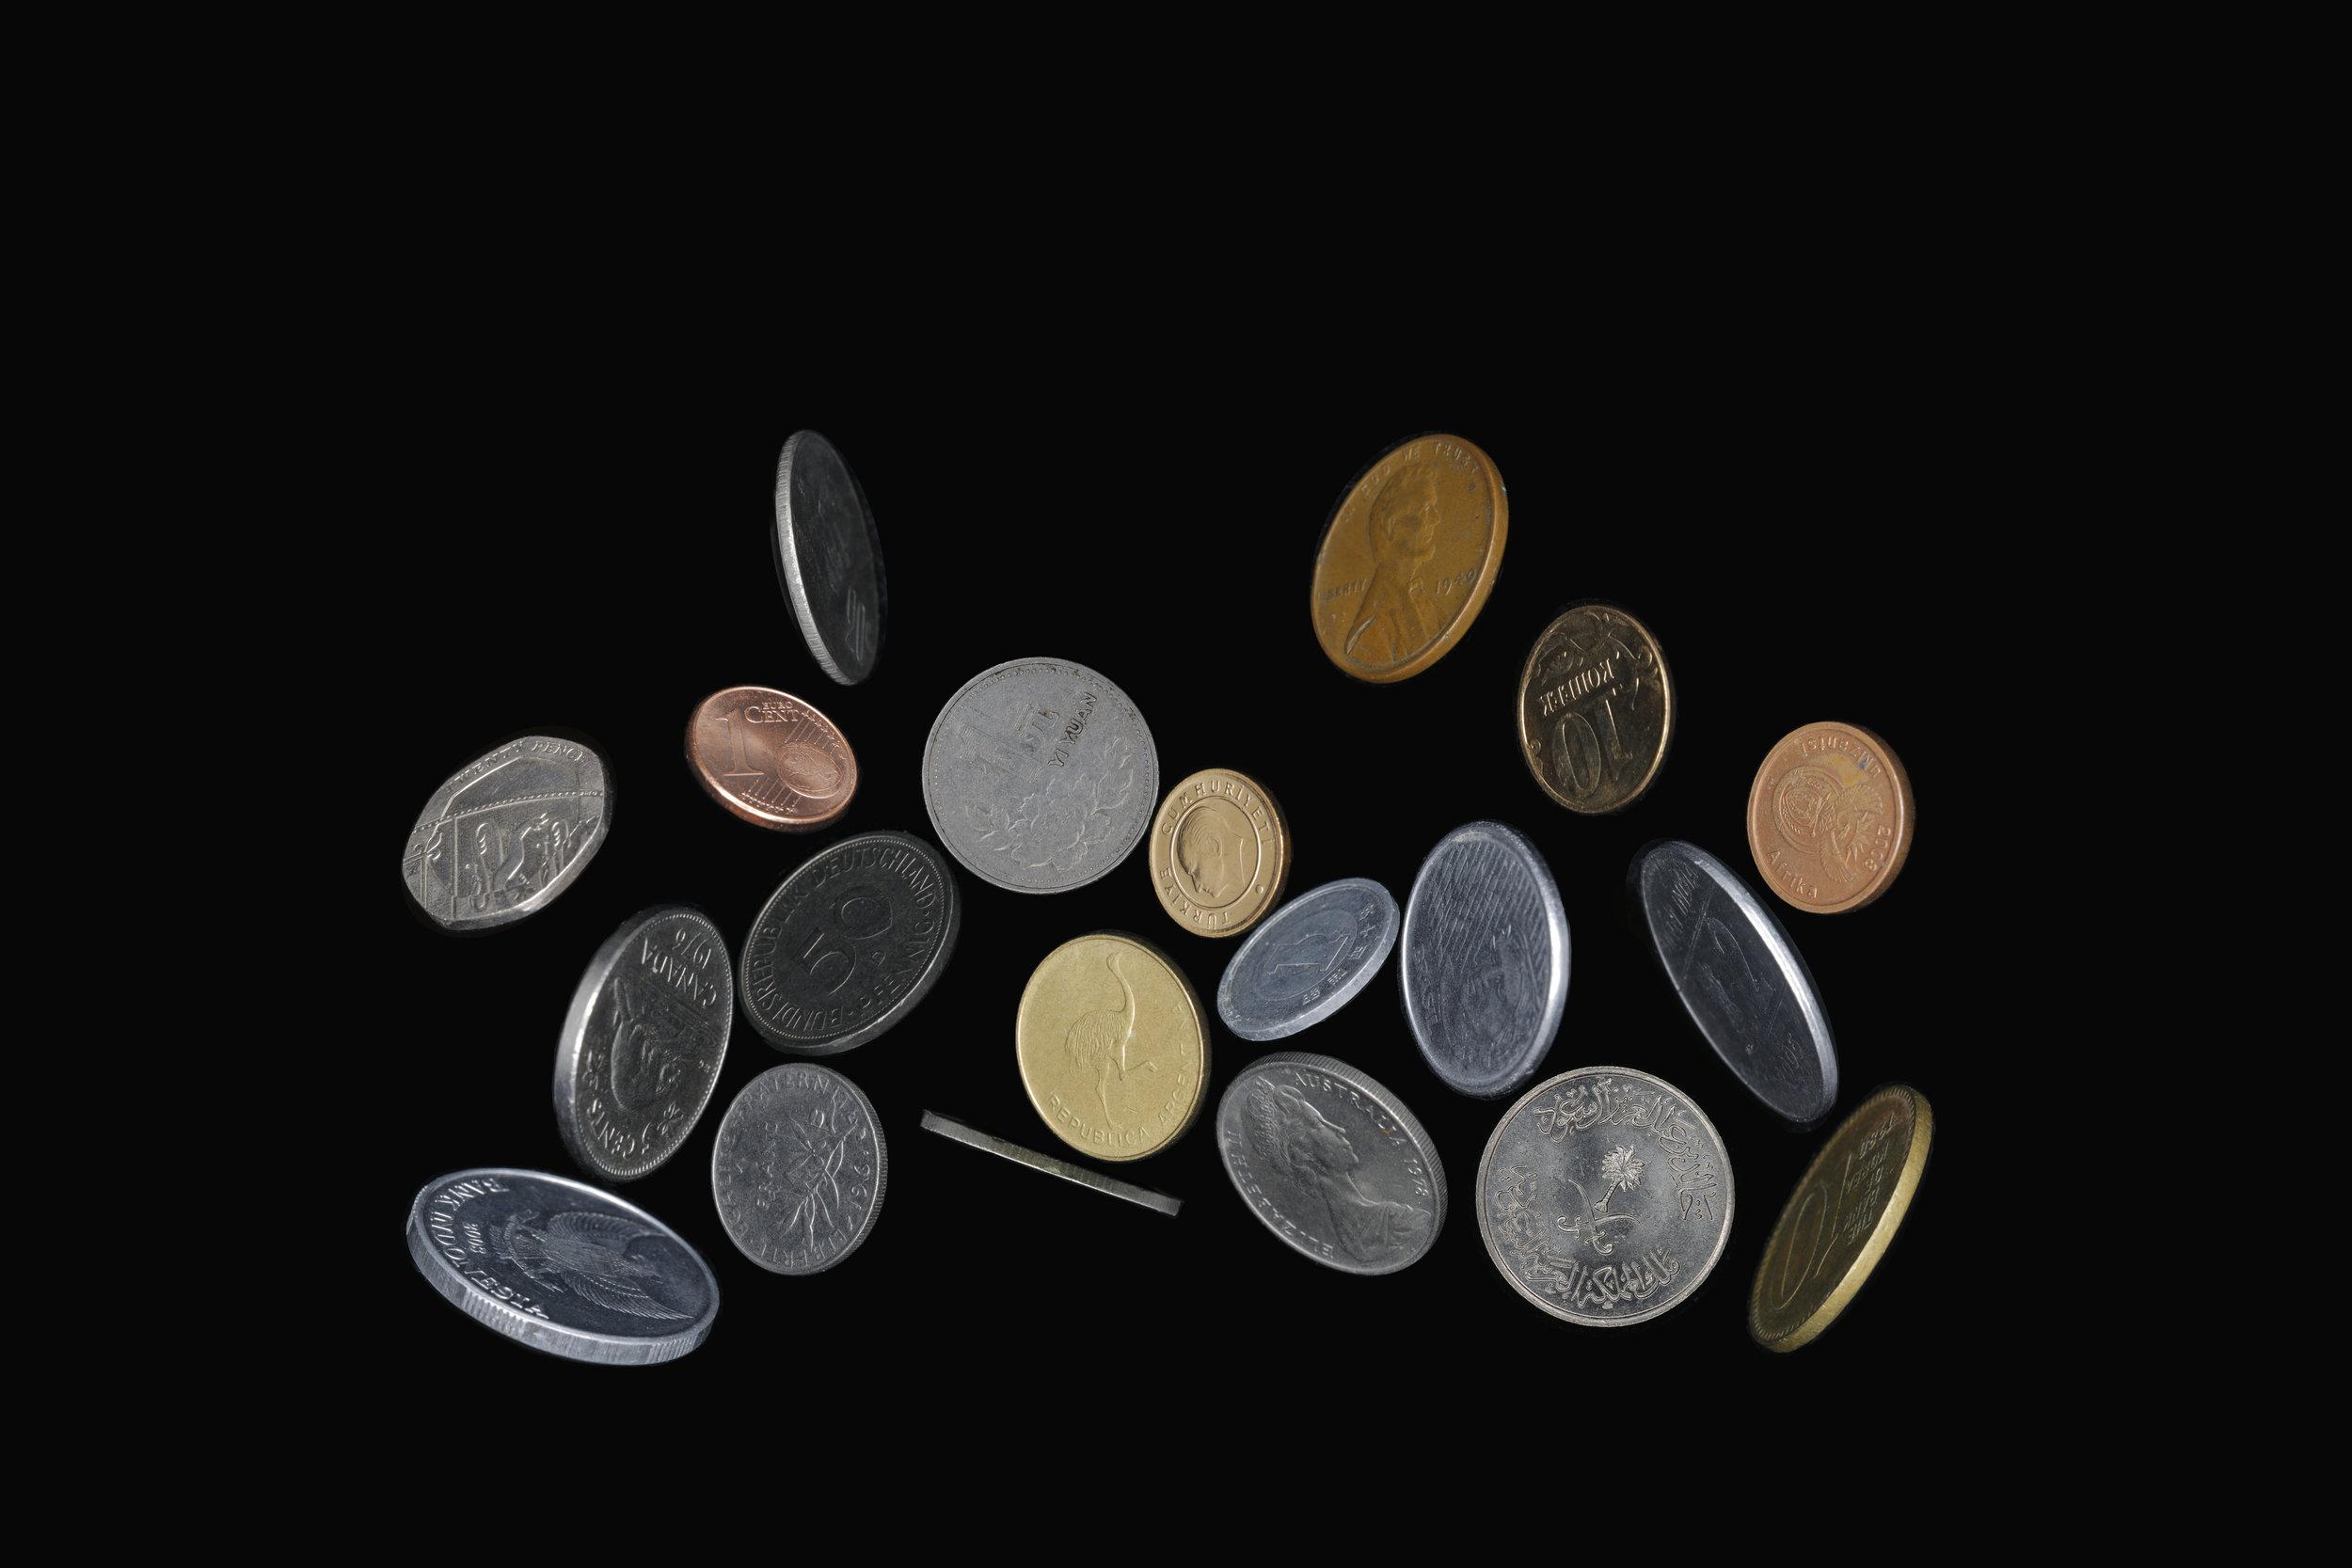 邵睿璐,《欧洲联盟组织的姿态》,选自《抽象物的形状》系列,2016-2018年。数码微喷,80 x 120 cm图片由艺术家提供。